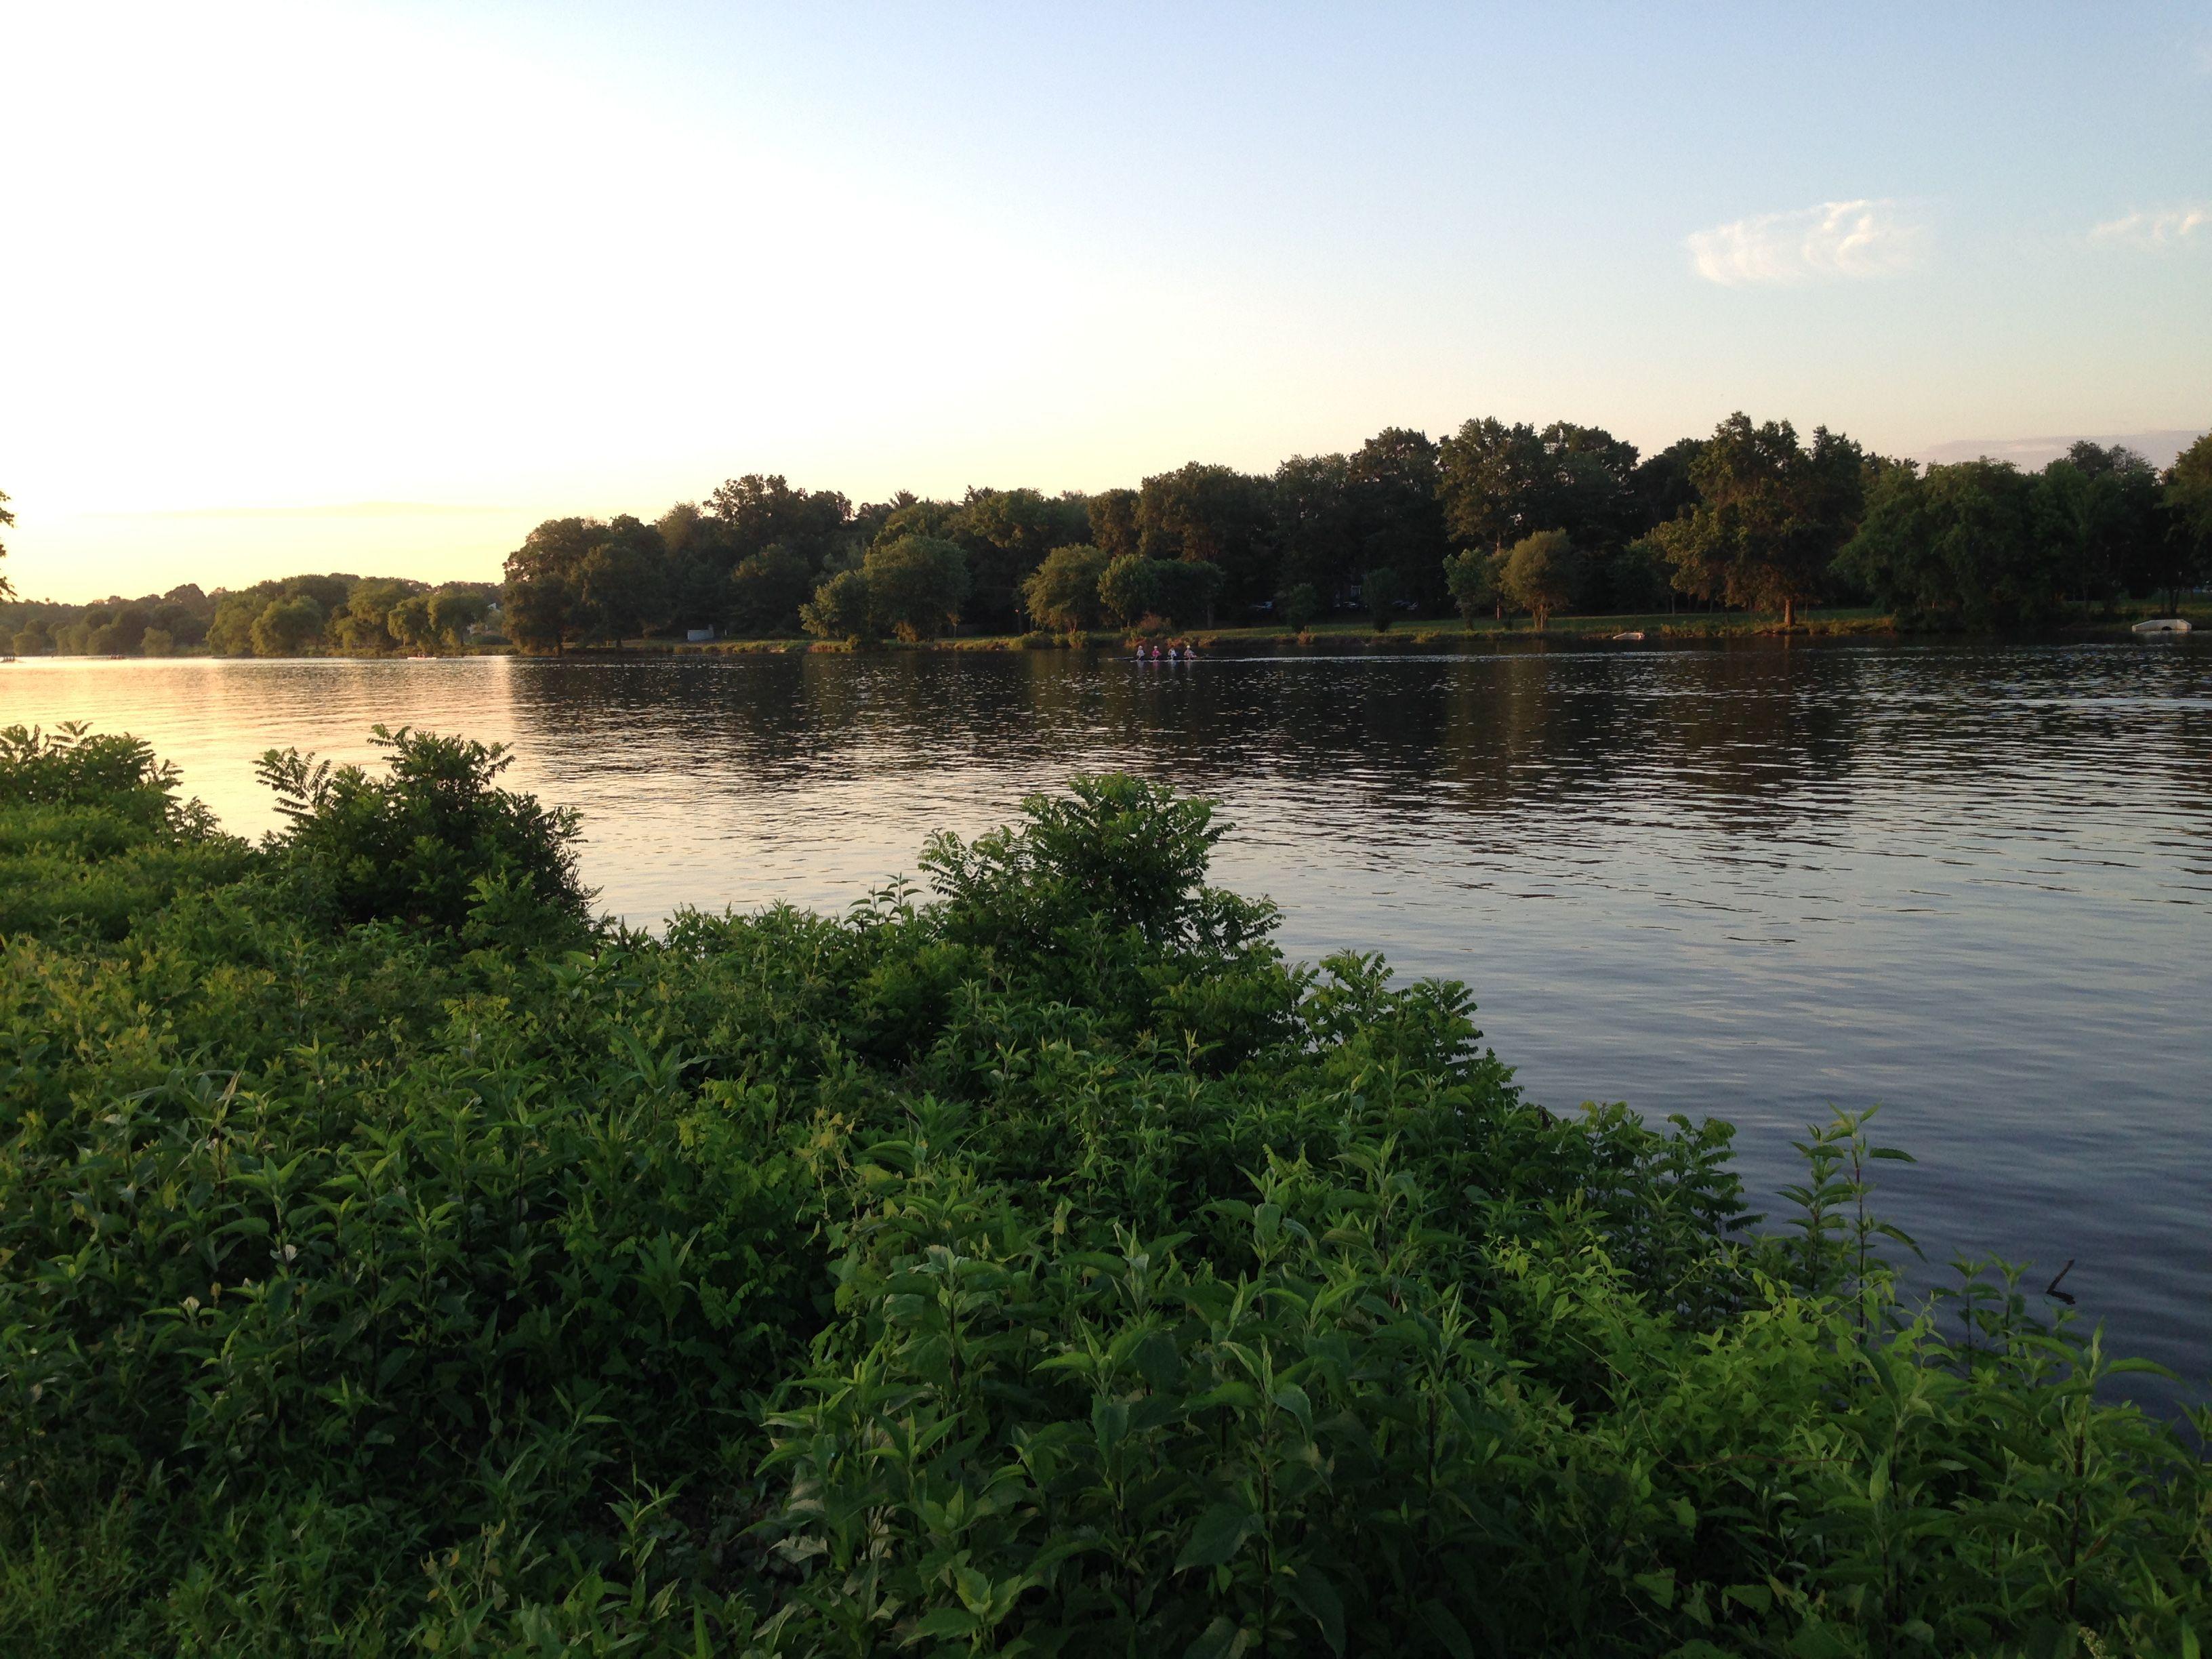 Cooper River shortly after sunrise.